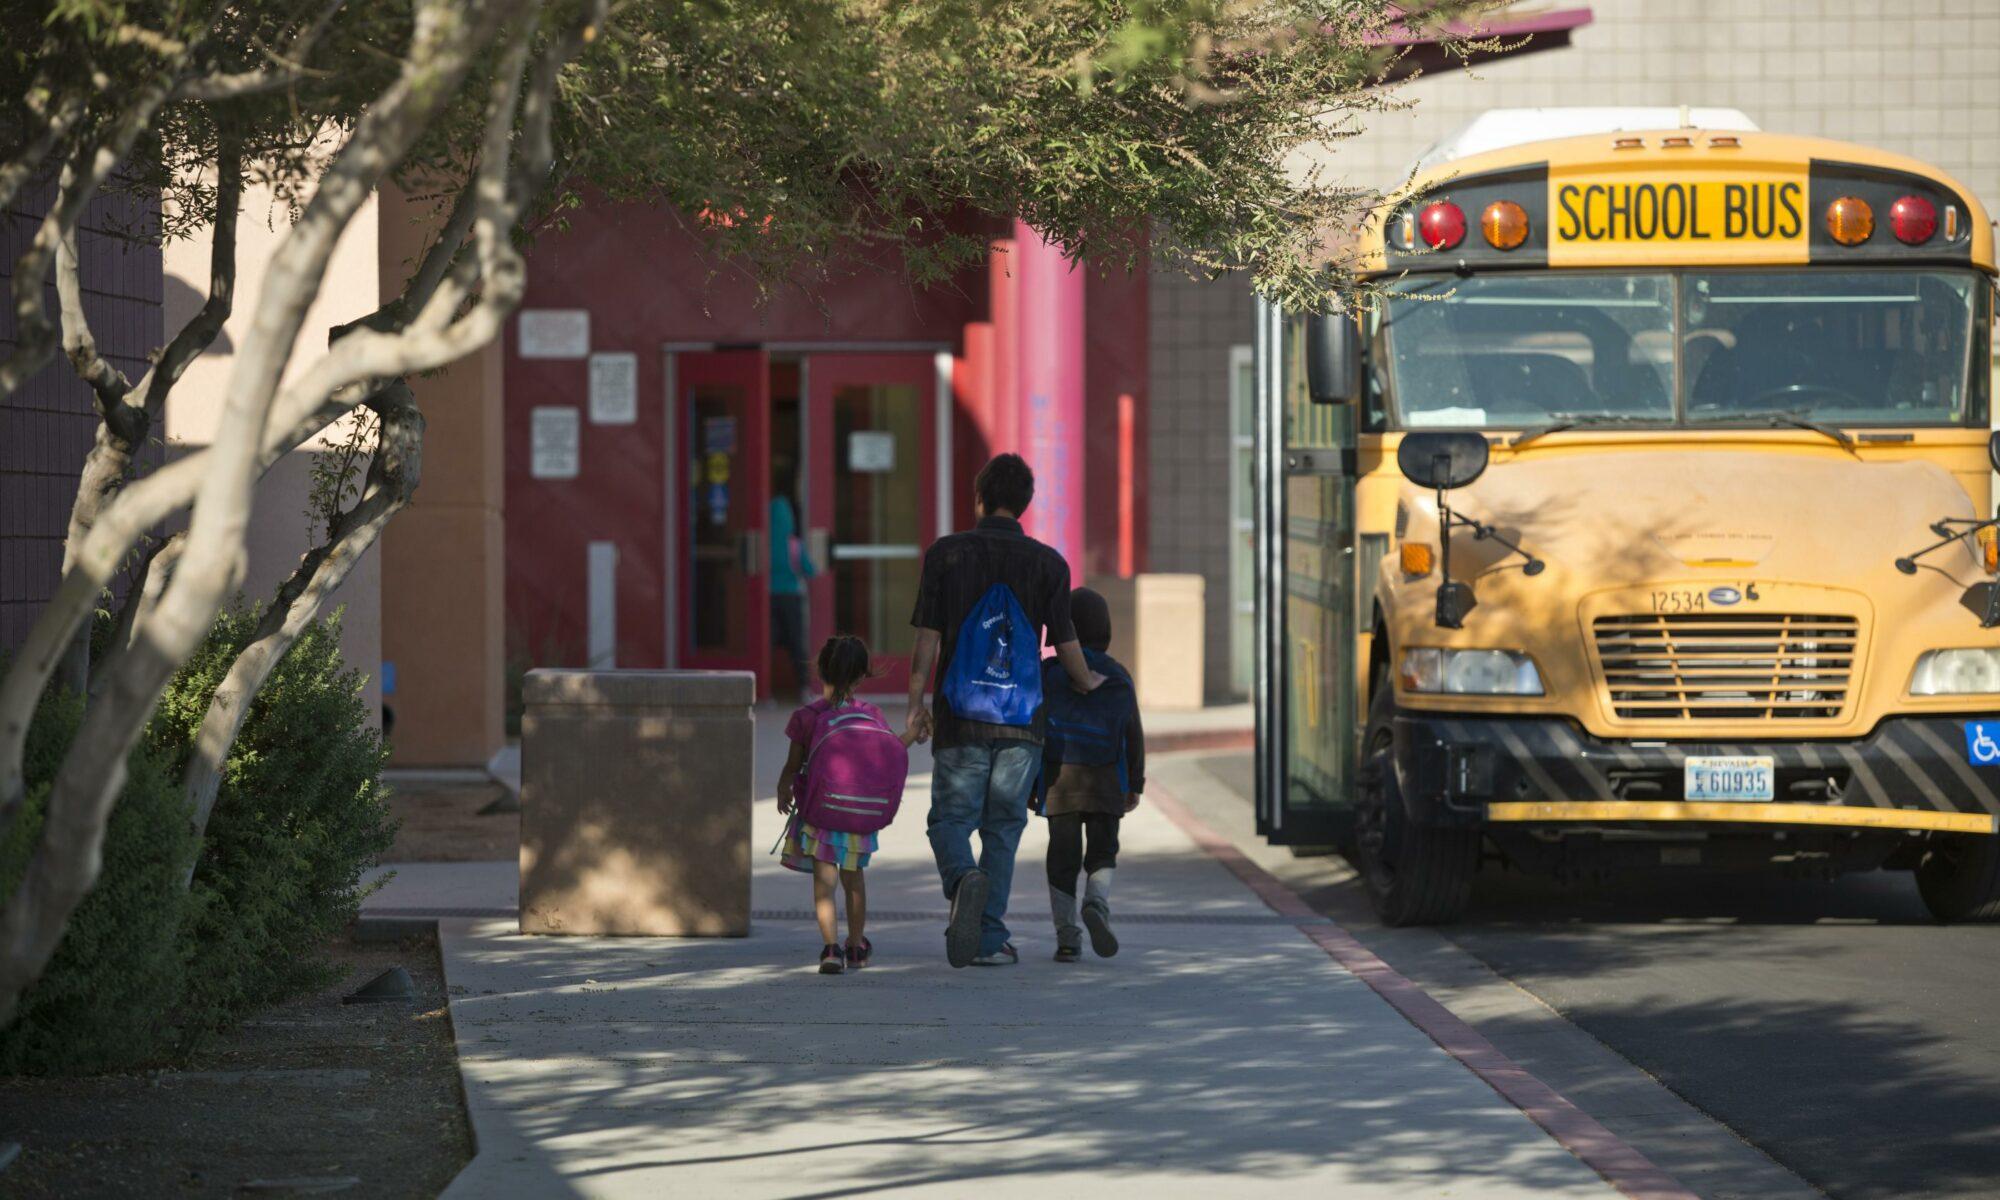 Students walk into J.E. Manch Elementary School in Las Vegas